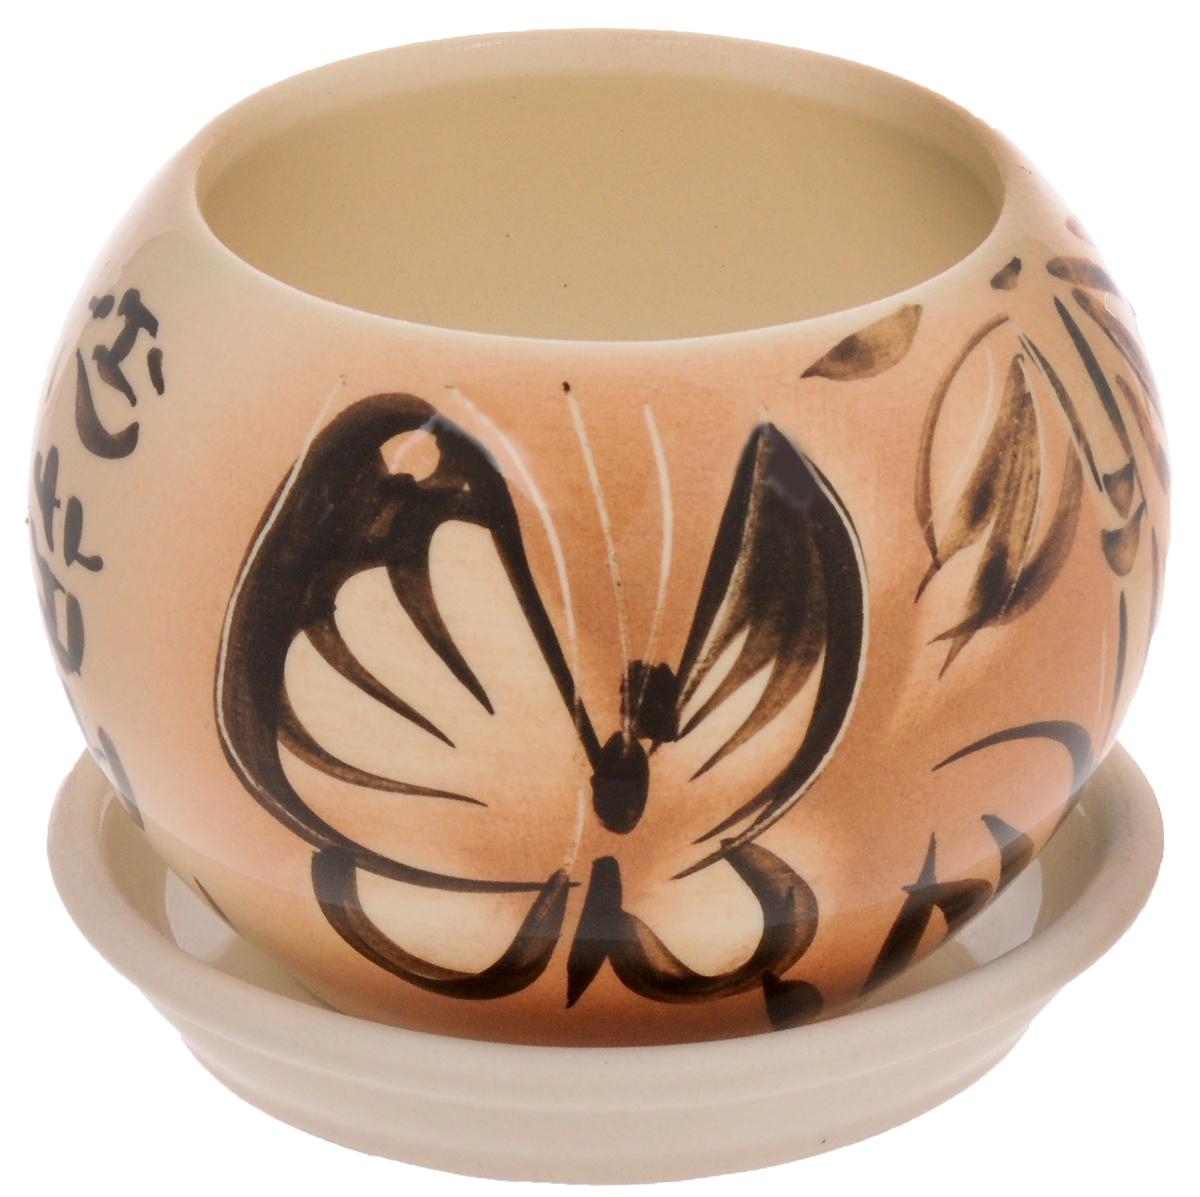 Кашпо Керамика ручной работы Шар. Мотылек, 0,4 л835632Комнатные растения — всеобщие любимцы. Они радуют глаз, насыщают помещение кислородом и украшают пространство. Каждому из них необходим свой удобный и красивый дом. Кашпо из керамики прекрасно подходят для высадки растений: за счет пластичности глины и разных способов обработки существует великое множество форм и дизайнов пористый материал позволяет испаряться лишней влаге воздух, необходимый для дыхания корней, проникает сквозь керамические стенки! позаботится о зеленом питомце, освежит интерьер и подчеркнет его стиль.